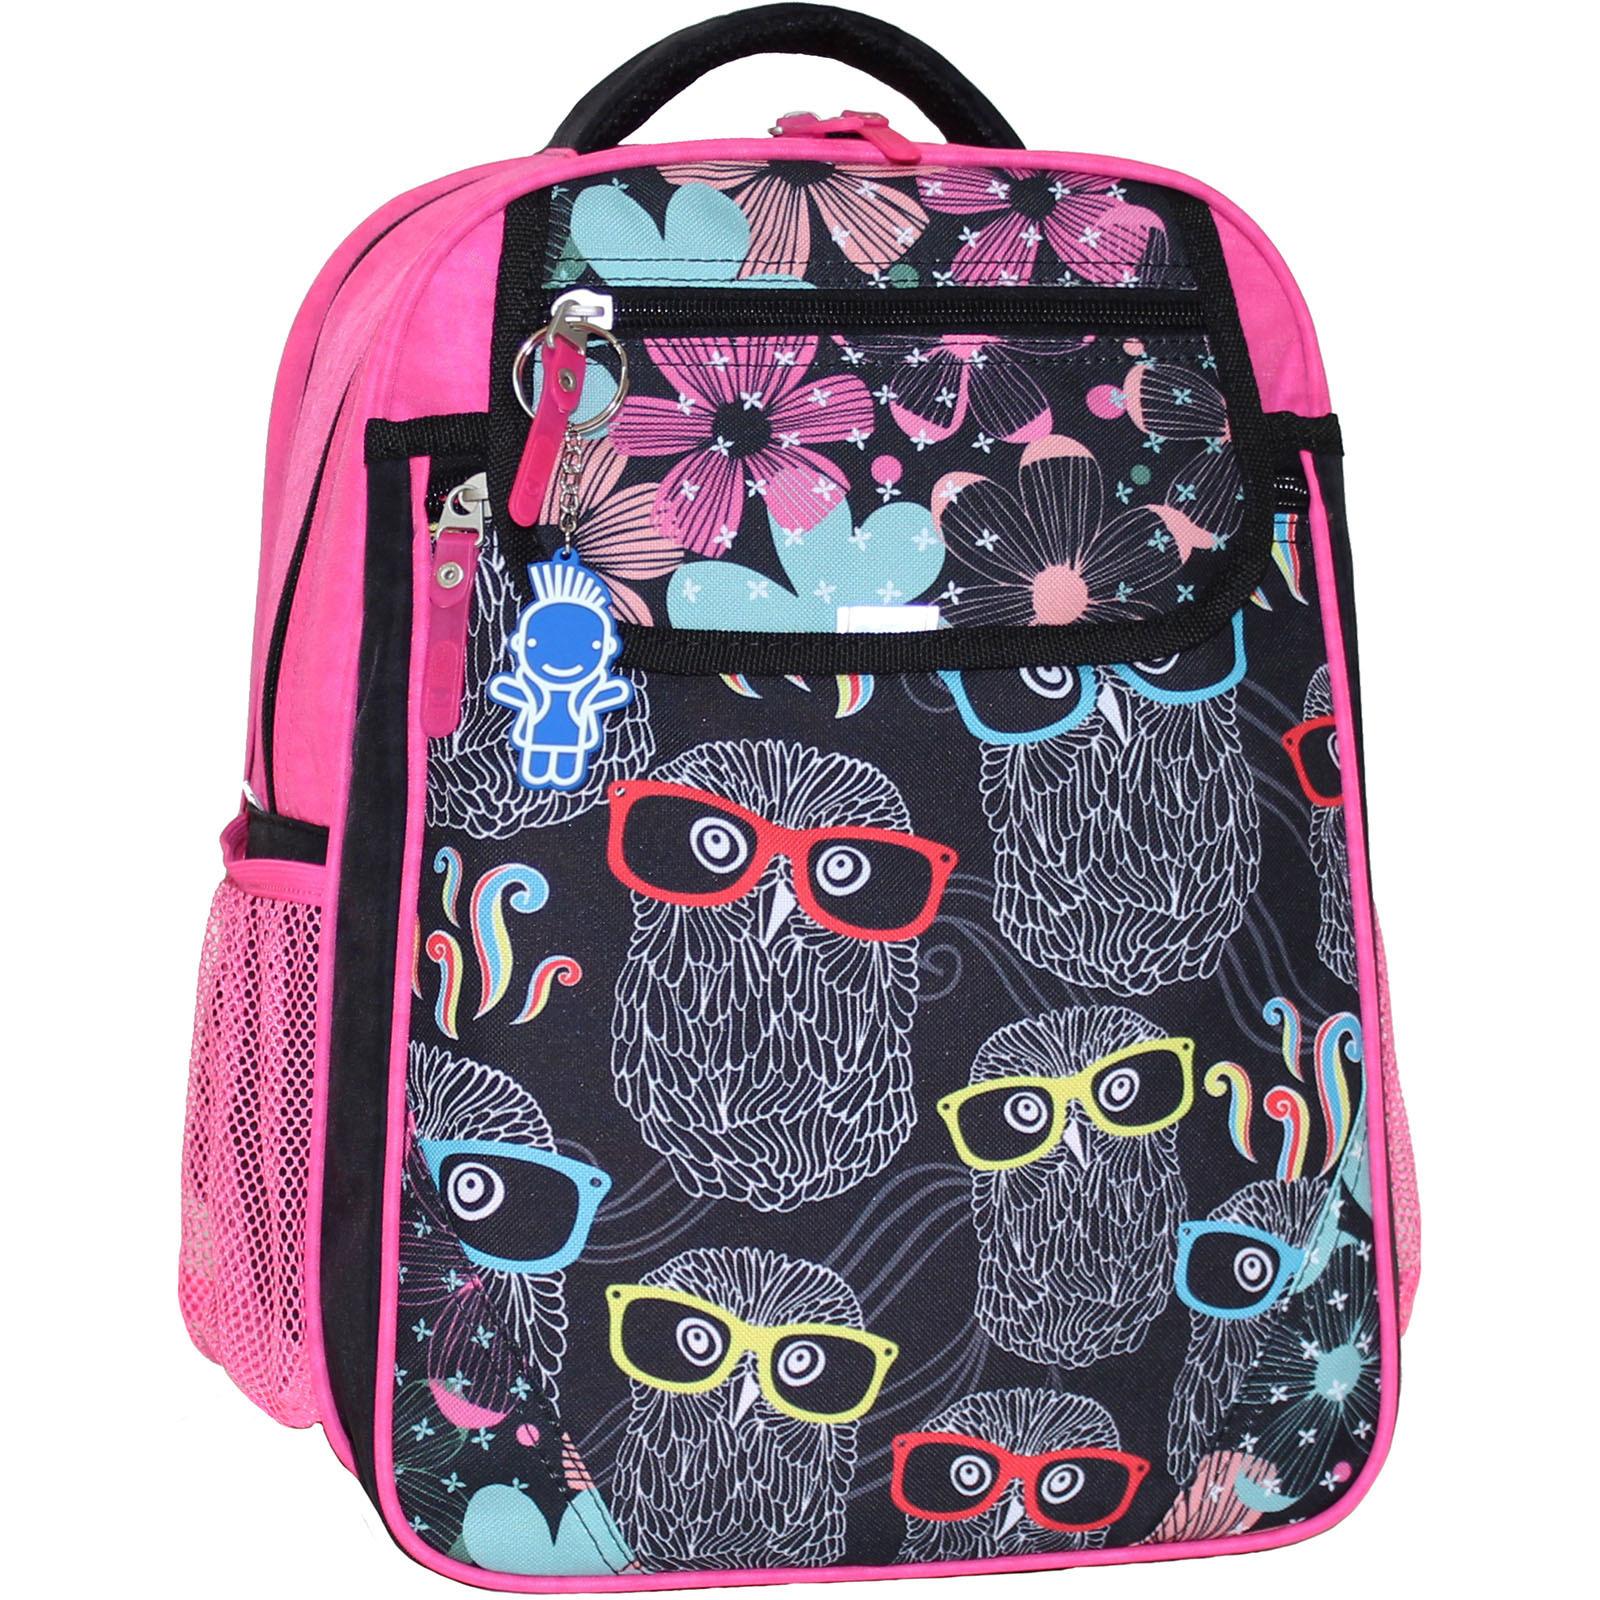 Школьные рюкзаки Рюкзак школьный Bagland Отличник 20 л. черный 403 (0058070) IMG_5099_артикул_403_.JPG